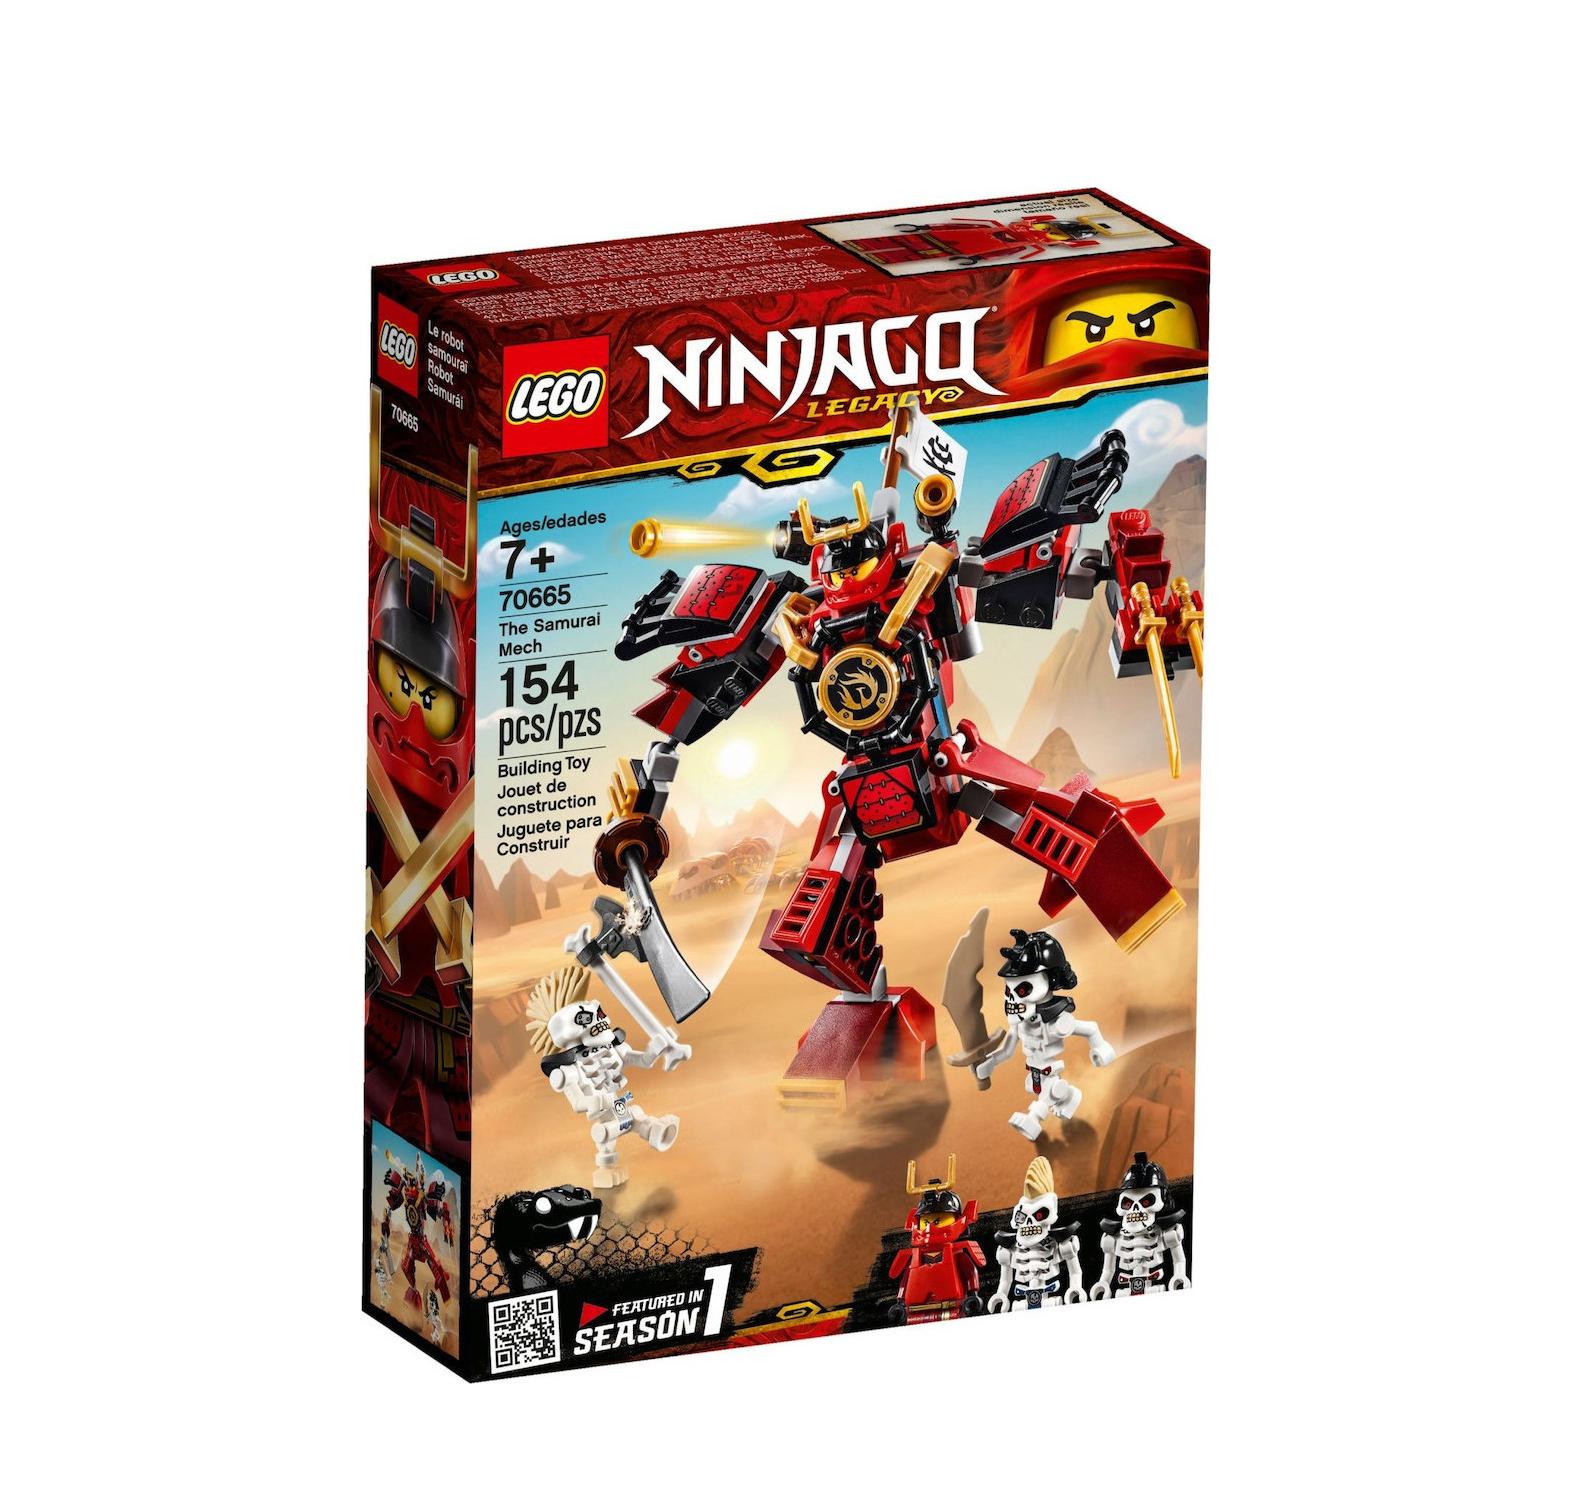 Lego Ninjago: The Samurai Mech 70665